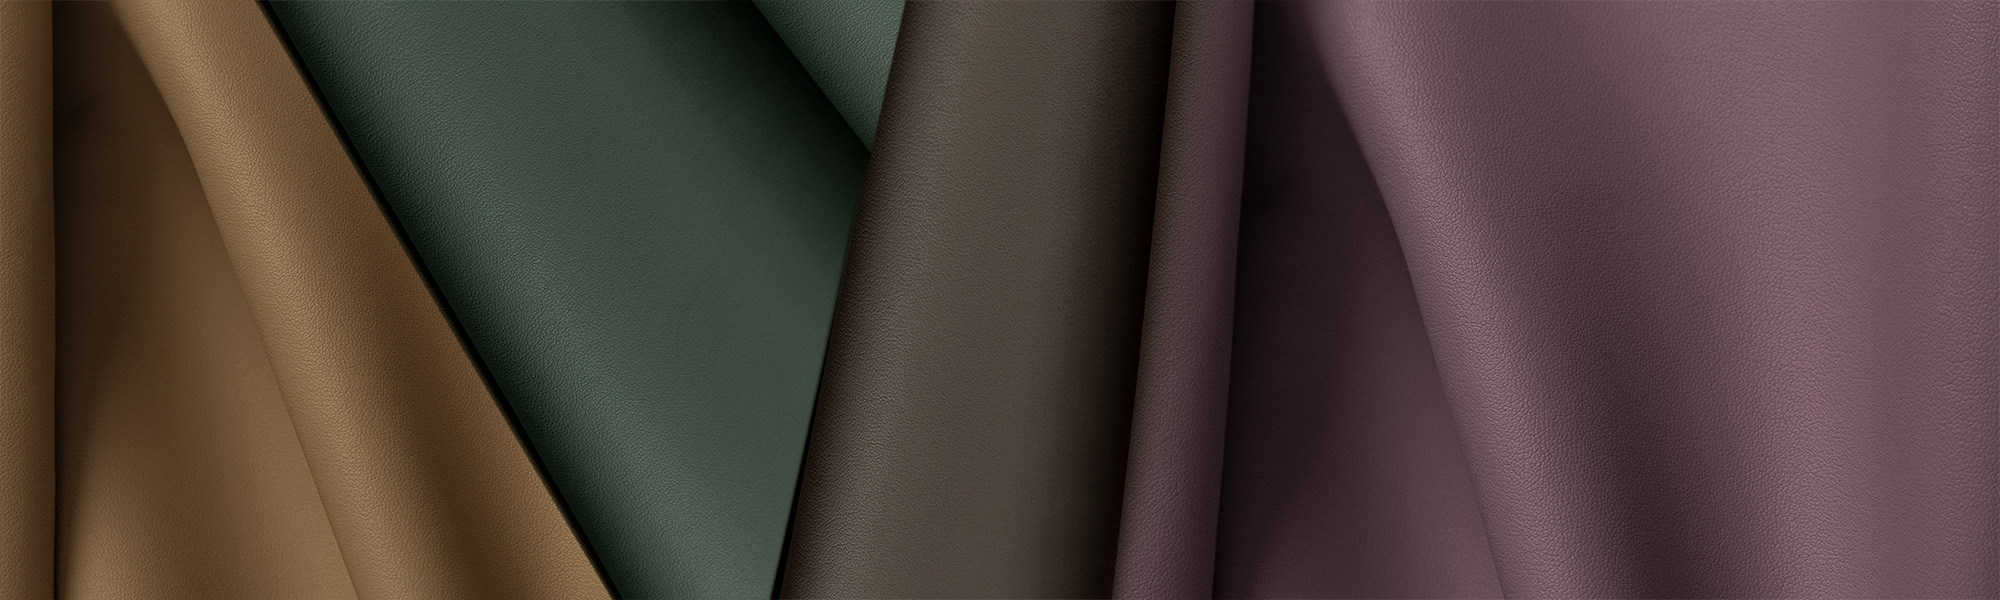 [object object] Tecidos e Revestimentos eco peles